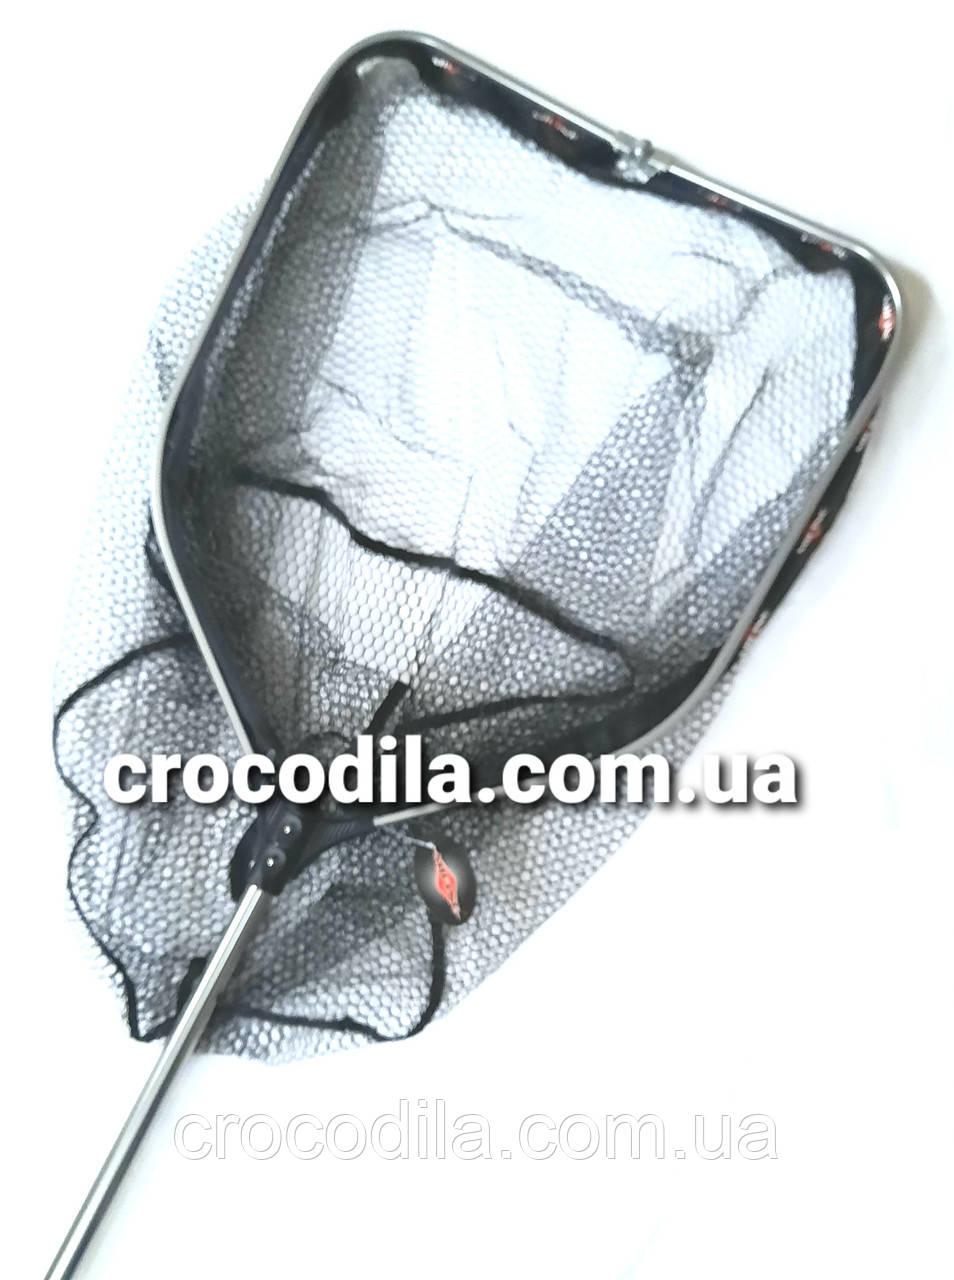 Раскладной карповый подсак с прорезиненой сеткой Mifine